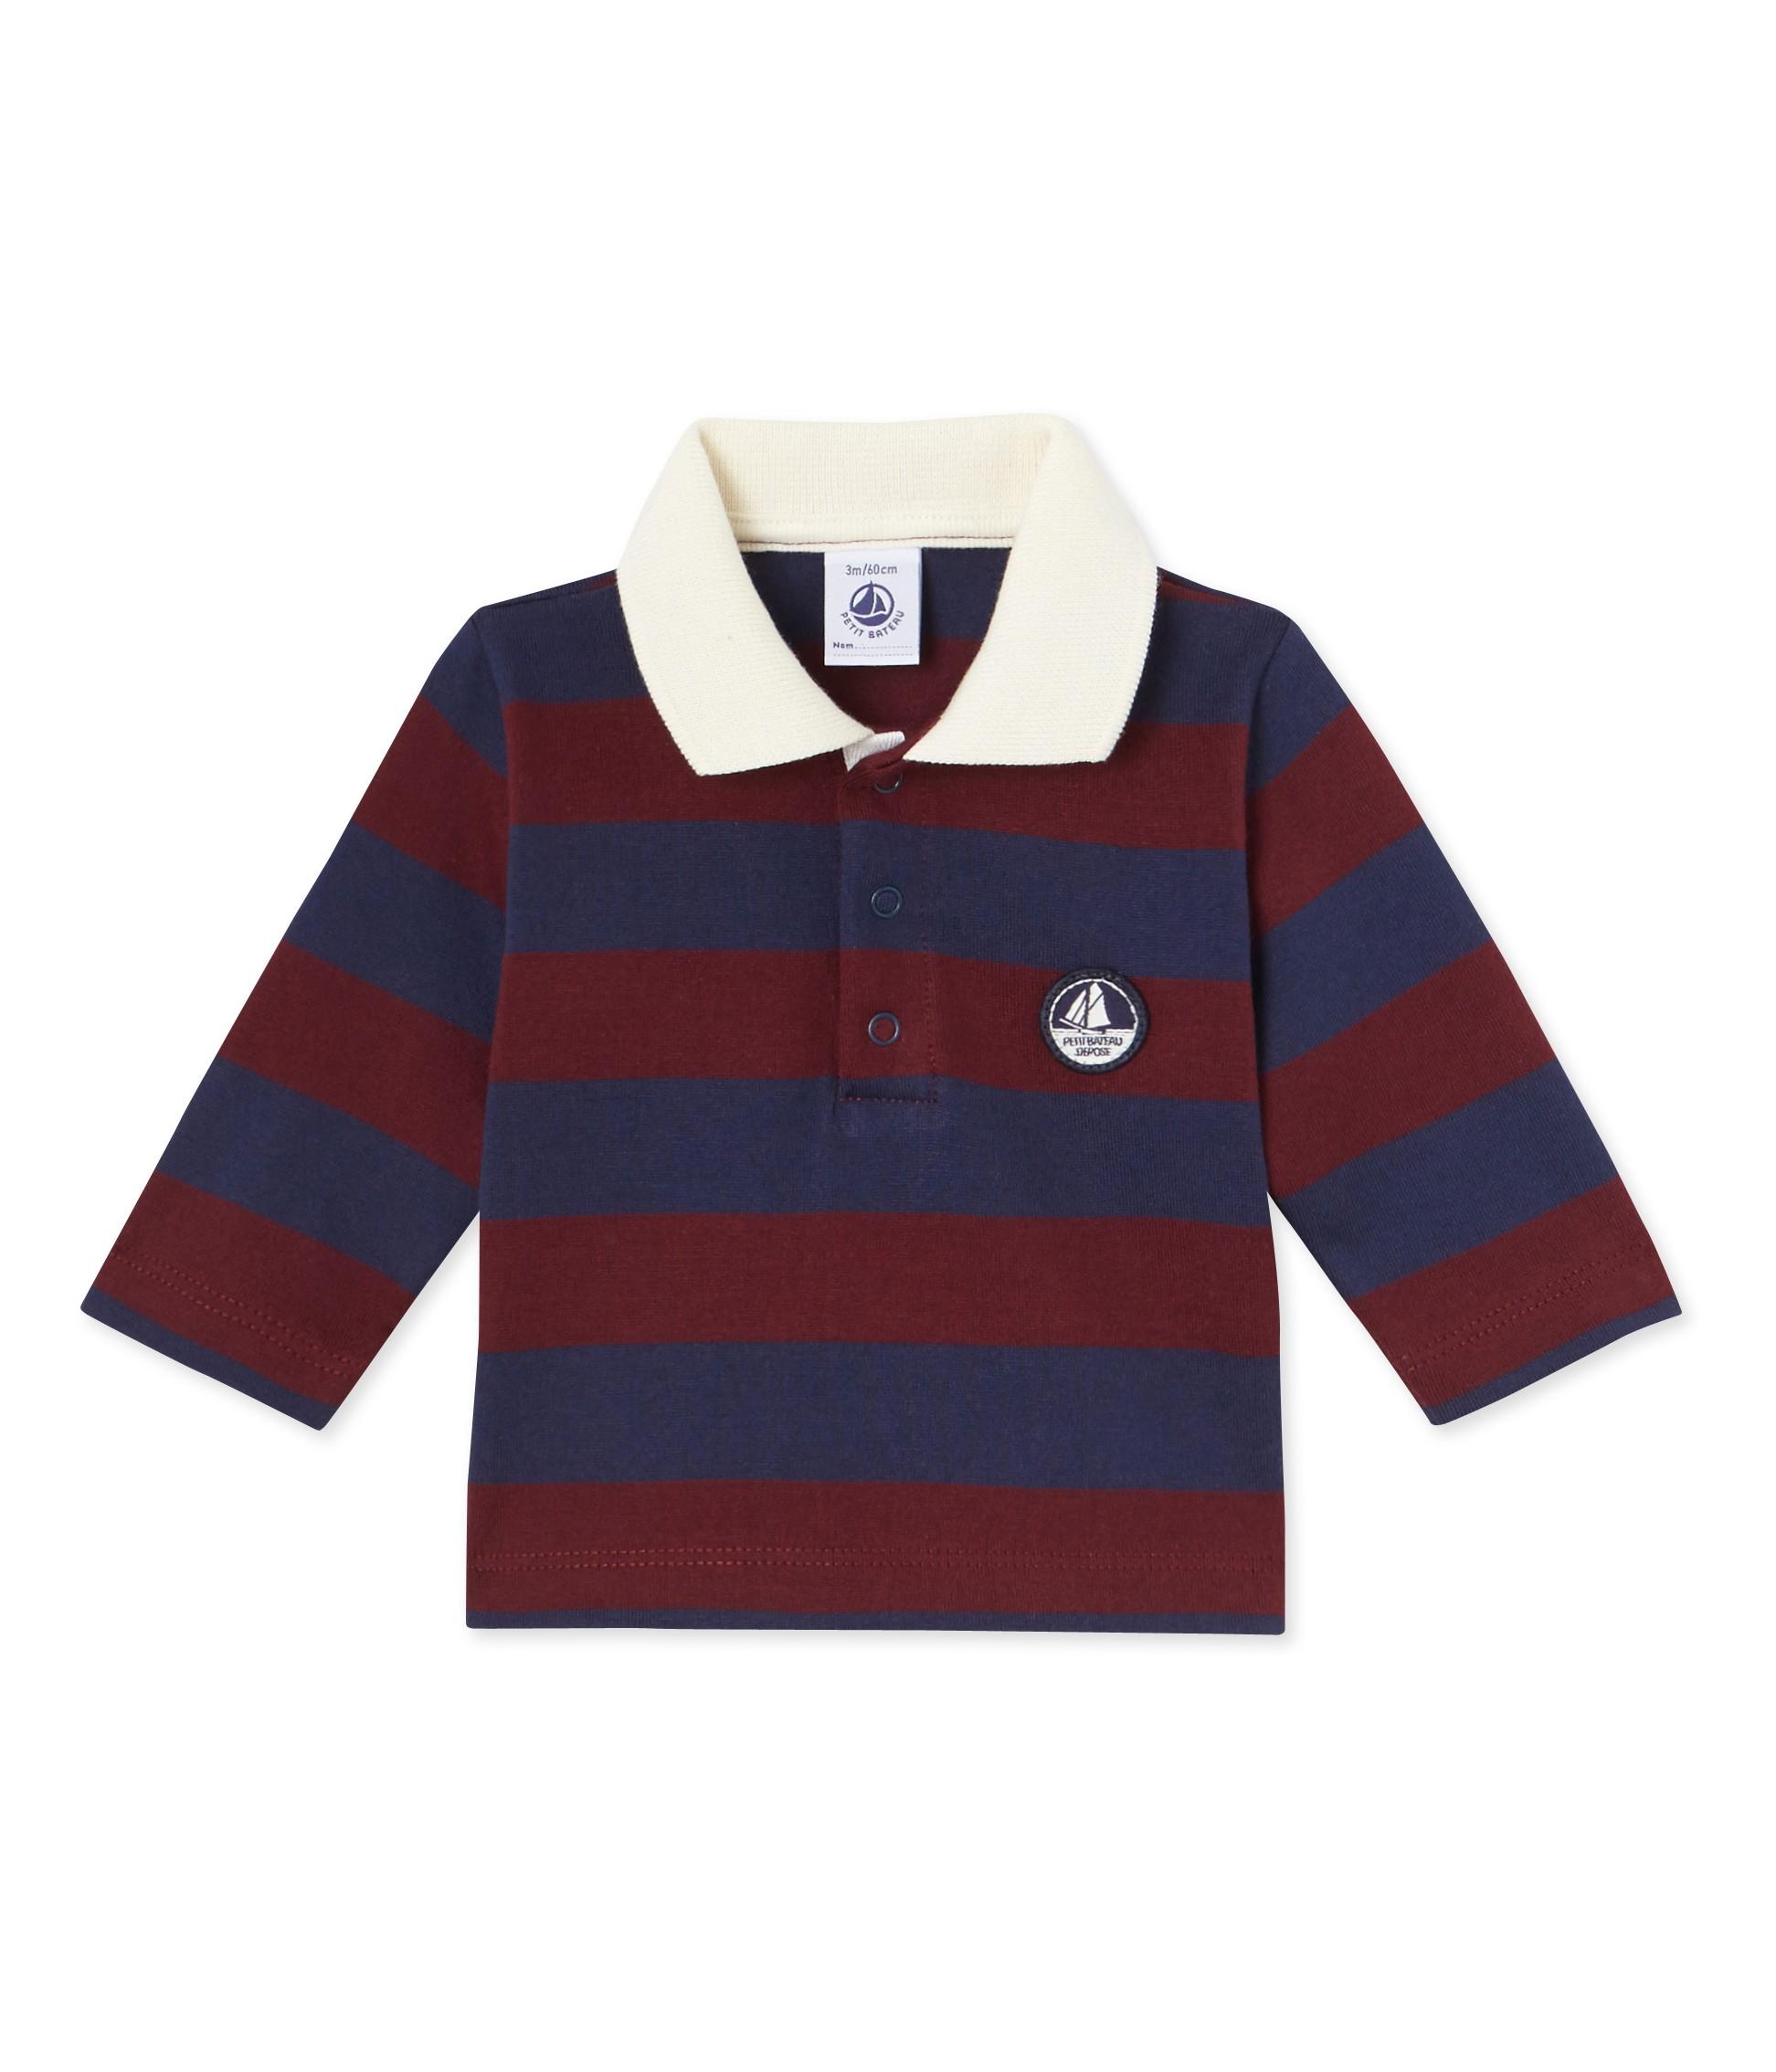 Μπλούζα πόλο μακρυμάνικη ριγέ για μωρό αγόρι - petit-bateau.gr 8c1a5695942